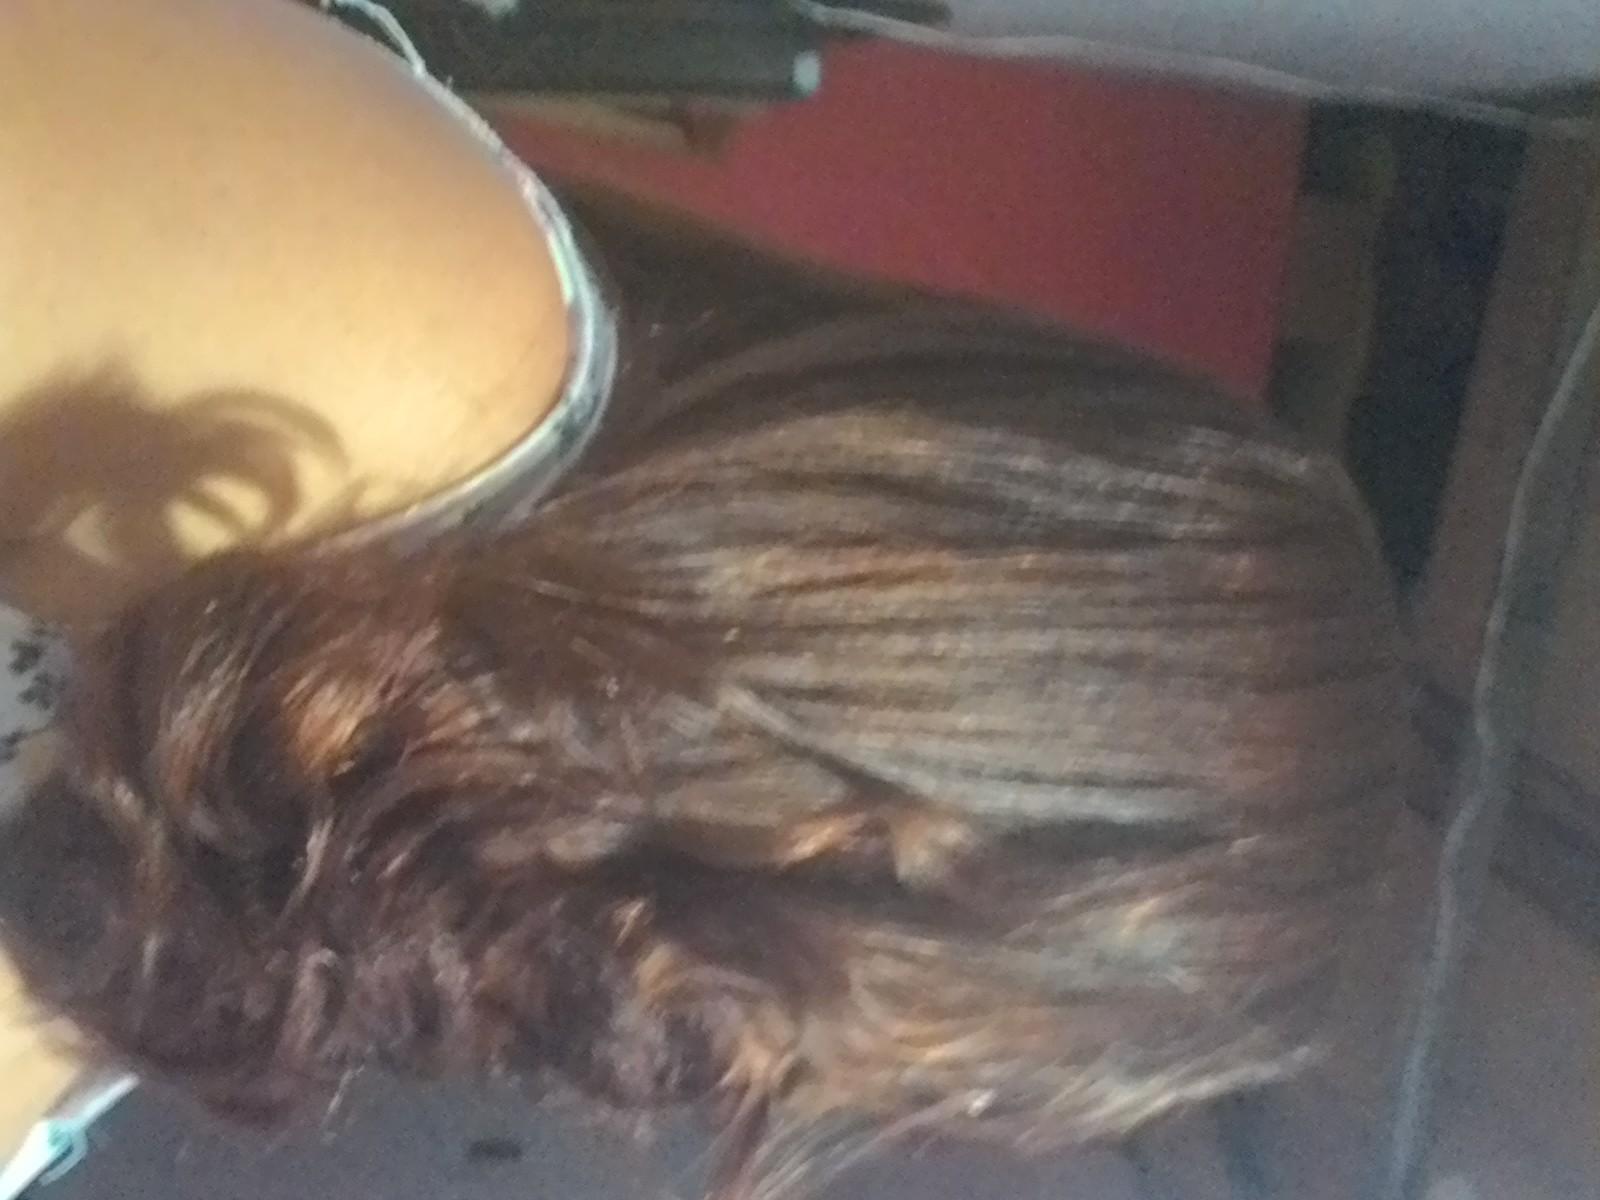 eu Eu escovo e prancho meu cabelo.